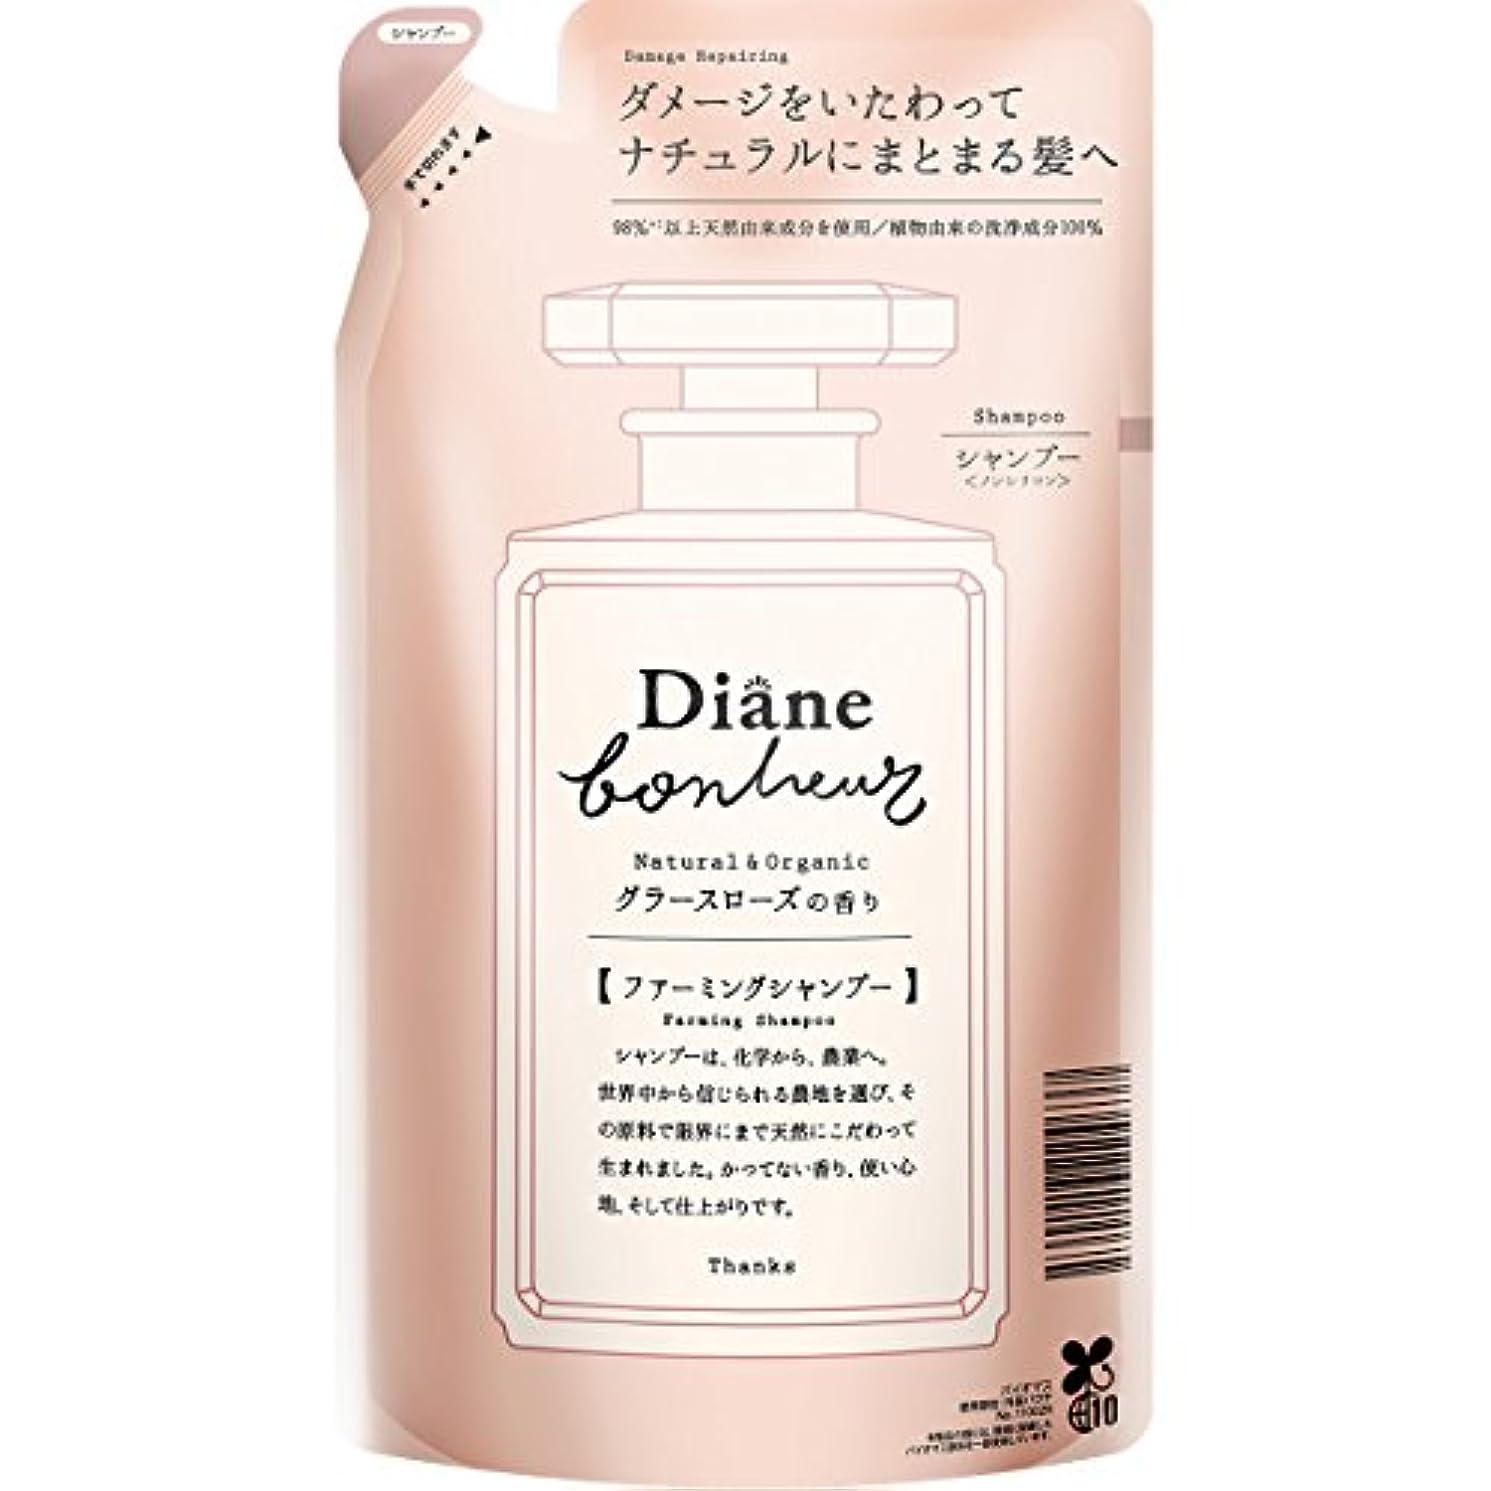 汚いよろしくアミューズメントダイアン ボヌール グラースローズの香り ダメージリペア シャンプー 詰め替え 400ml